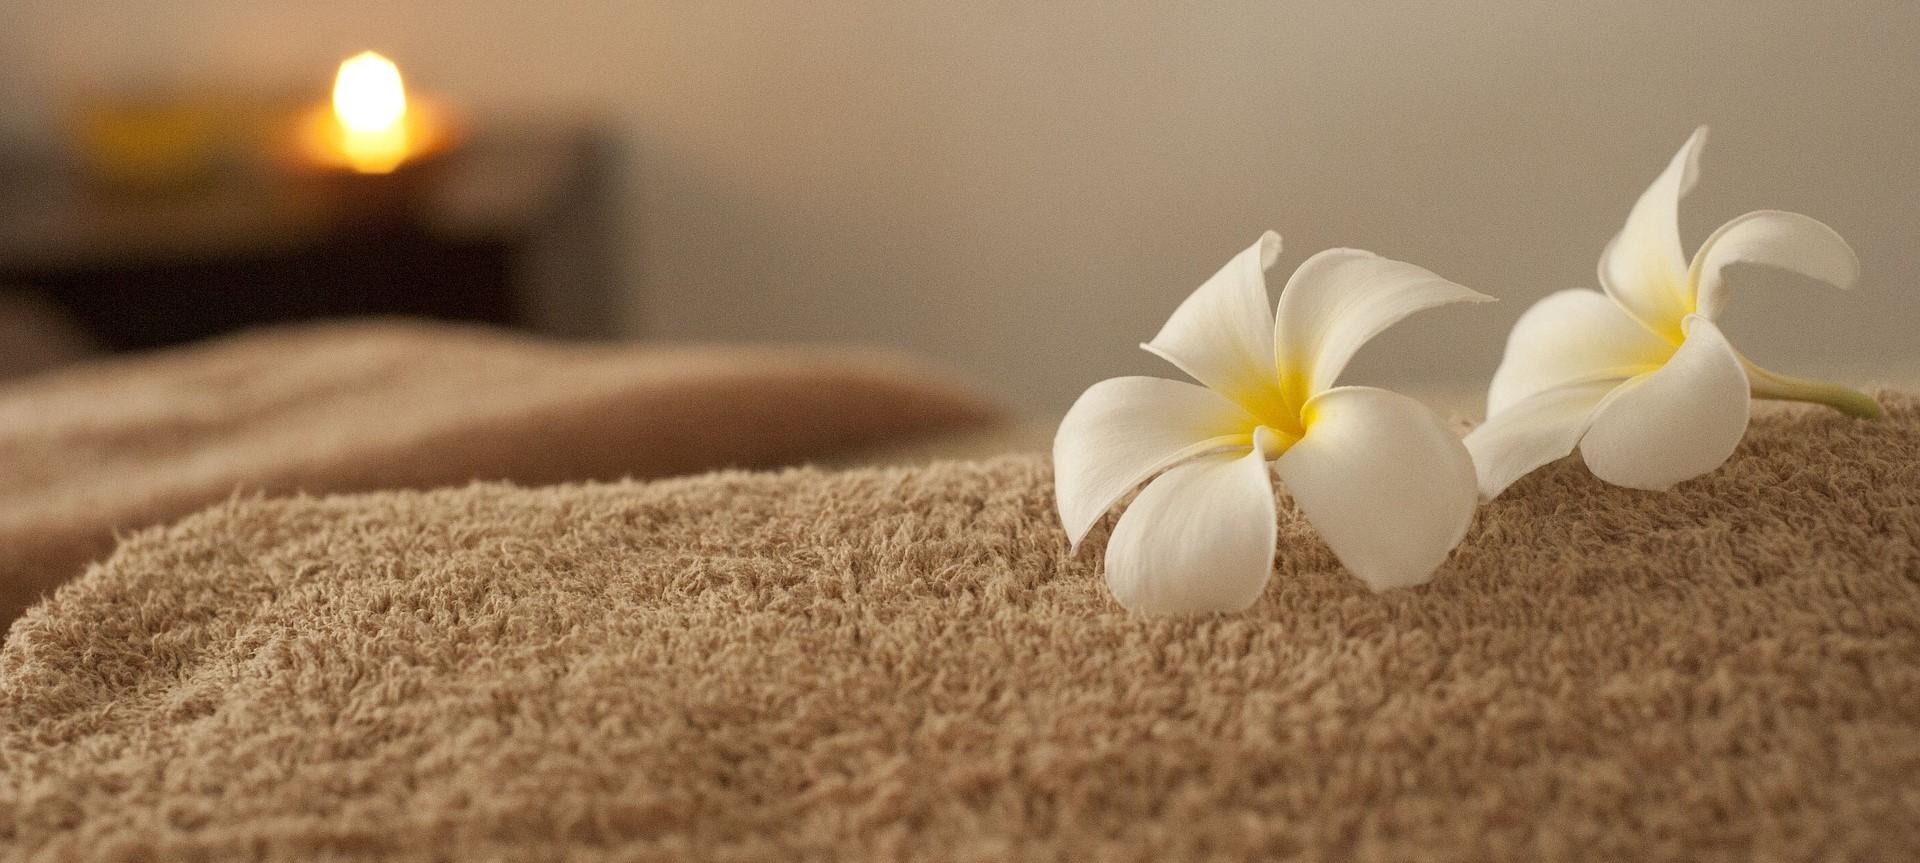 fleur de lotus relaxation massage